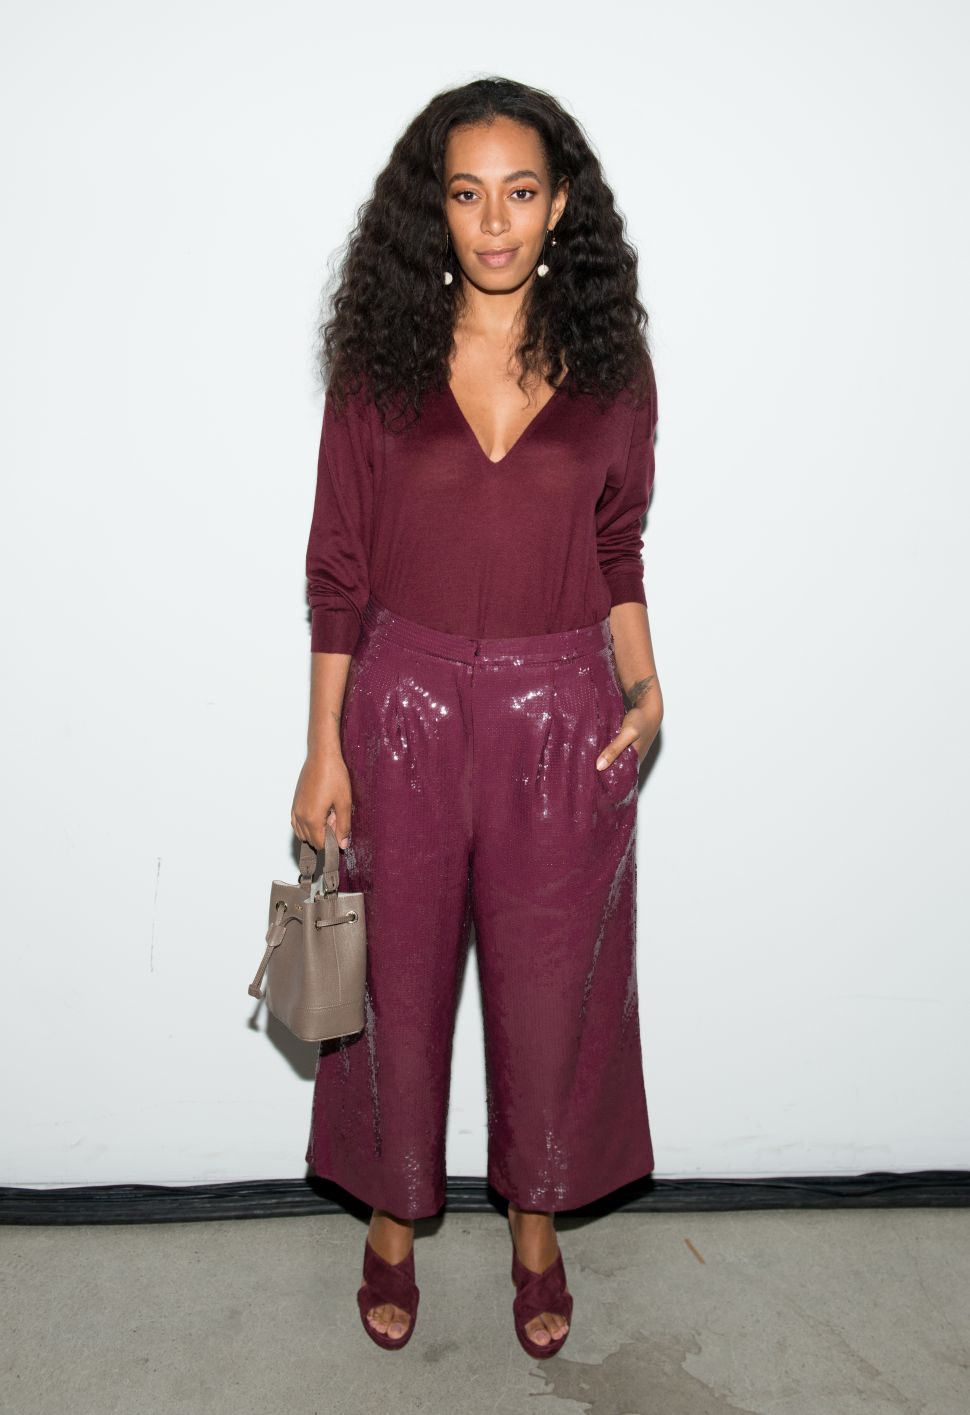 Fashion Roundup: Solange Knowles' E-Comm Deubt and Brioni's Surprising Hire